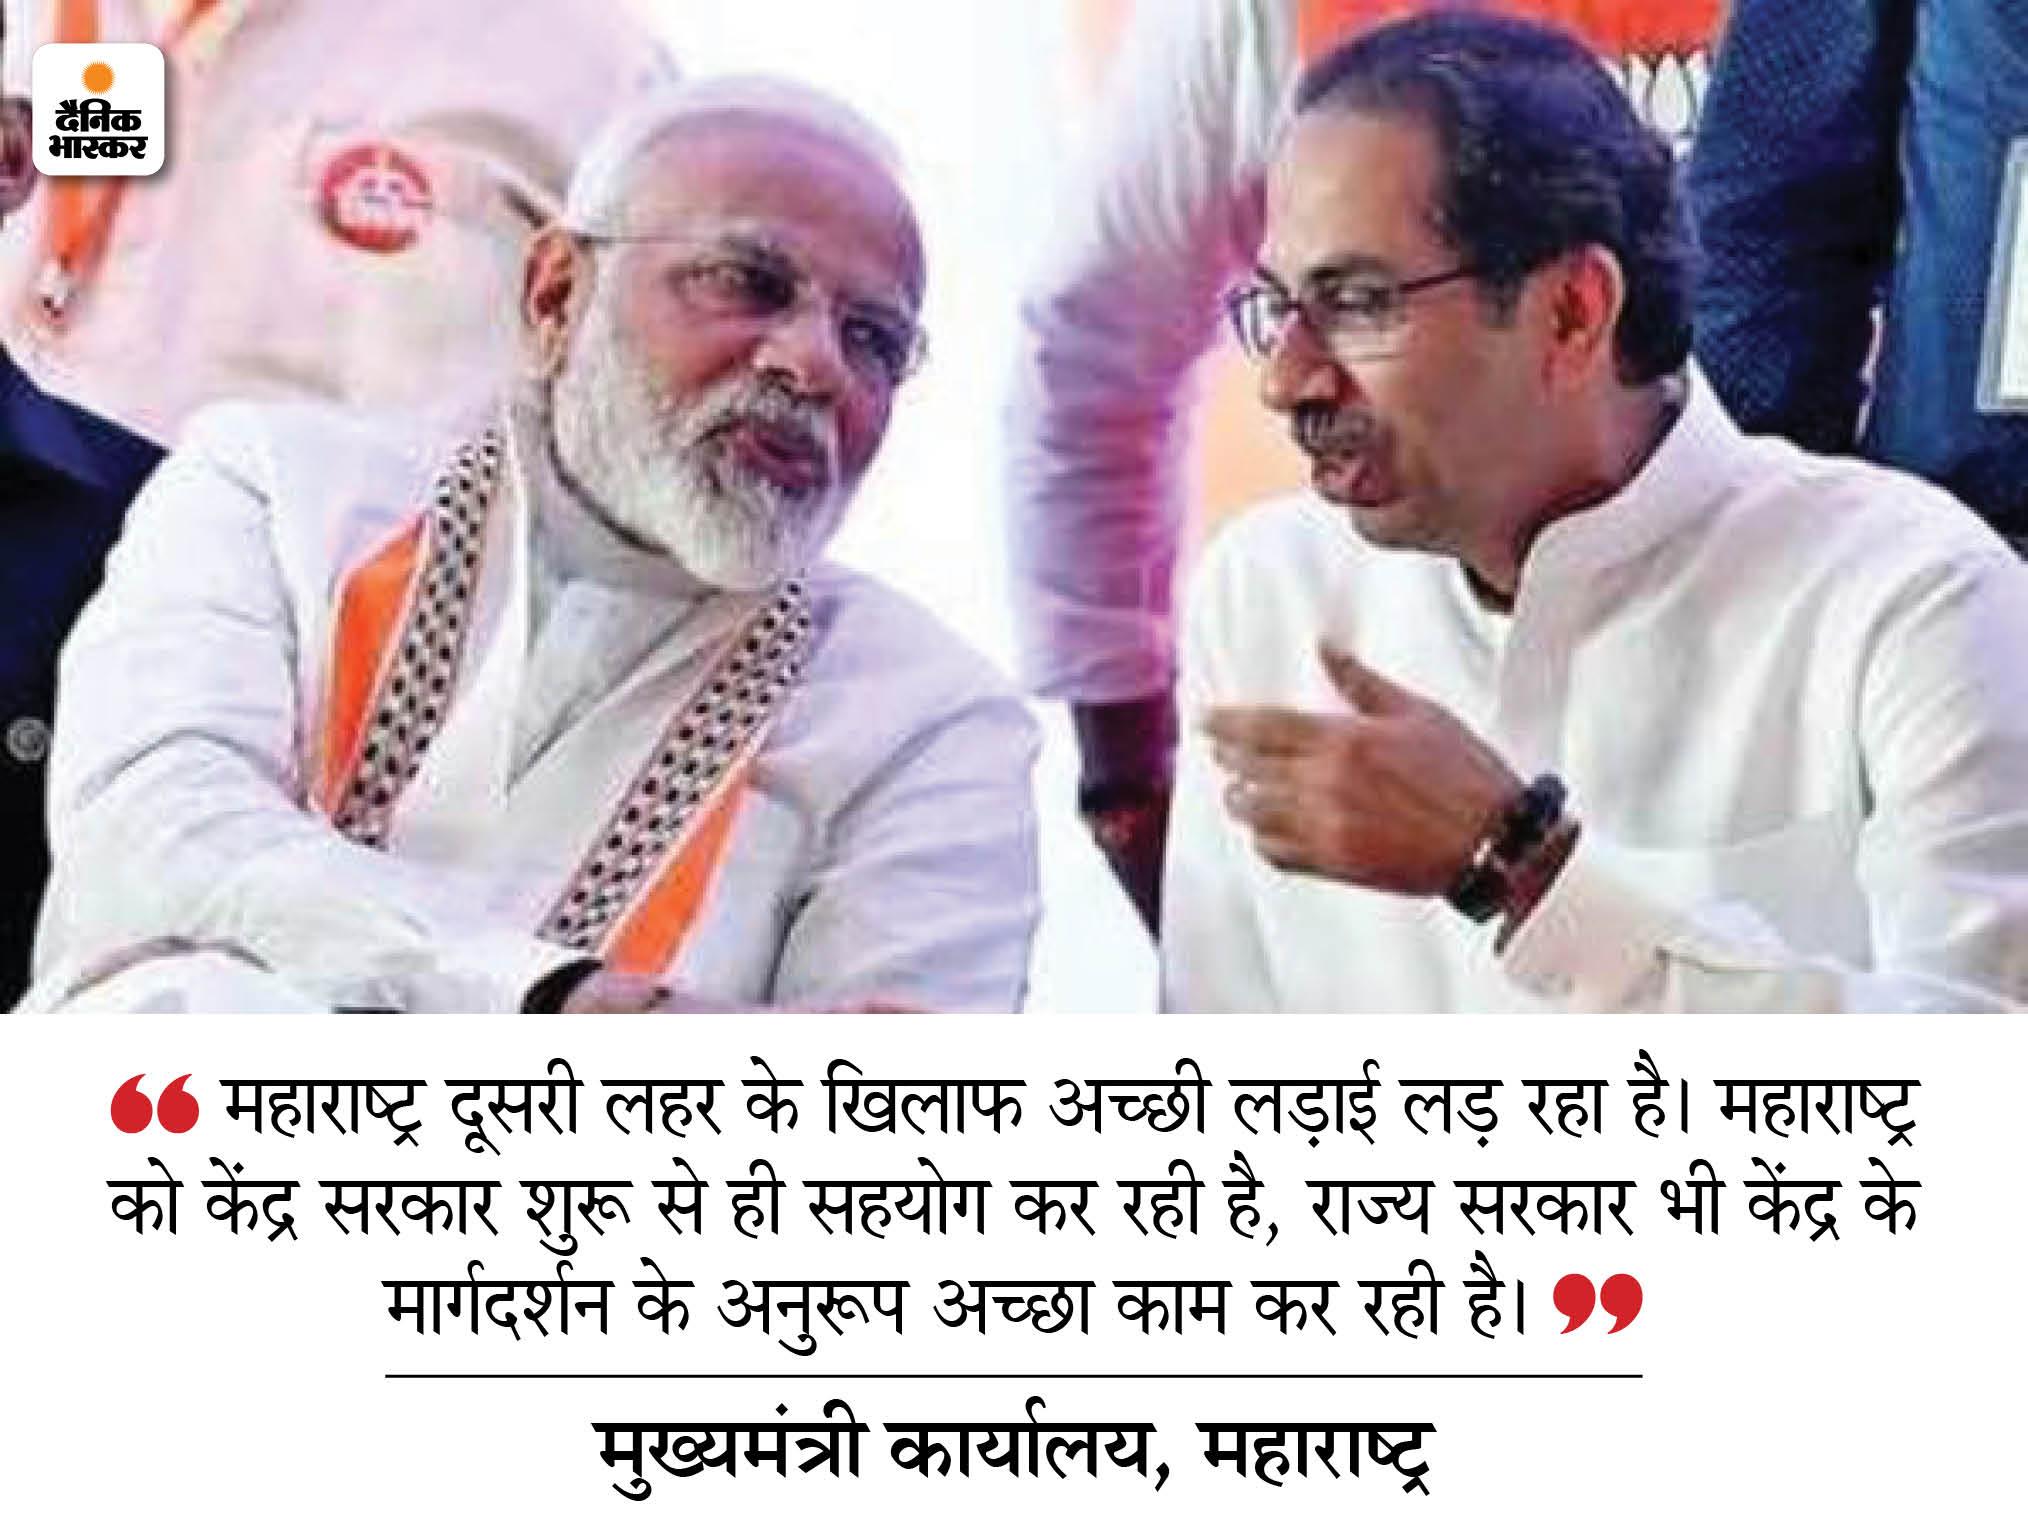 कोरोना संकट पर पीएम मोदी की मुख्यमंत्रियों से बातचीत, कहा- दूसरी लहर से सही ढंग से लड़ रहा है महाराष्ट्र महाराष्ट्र,Maharashtra - Dainik Bhaskar